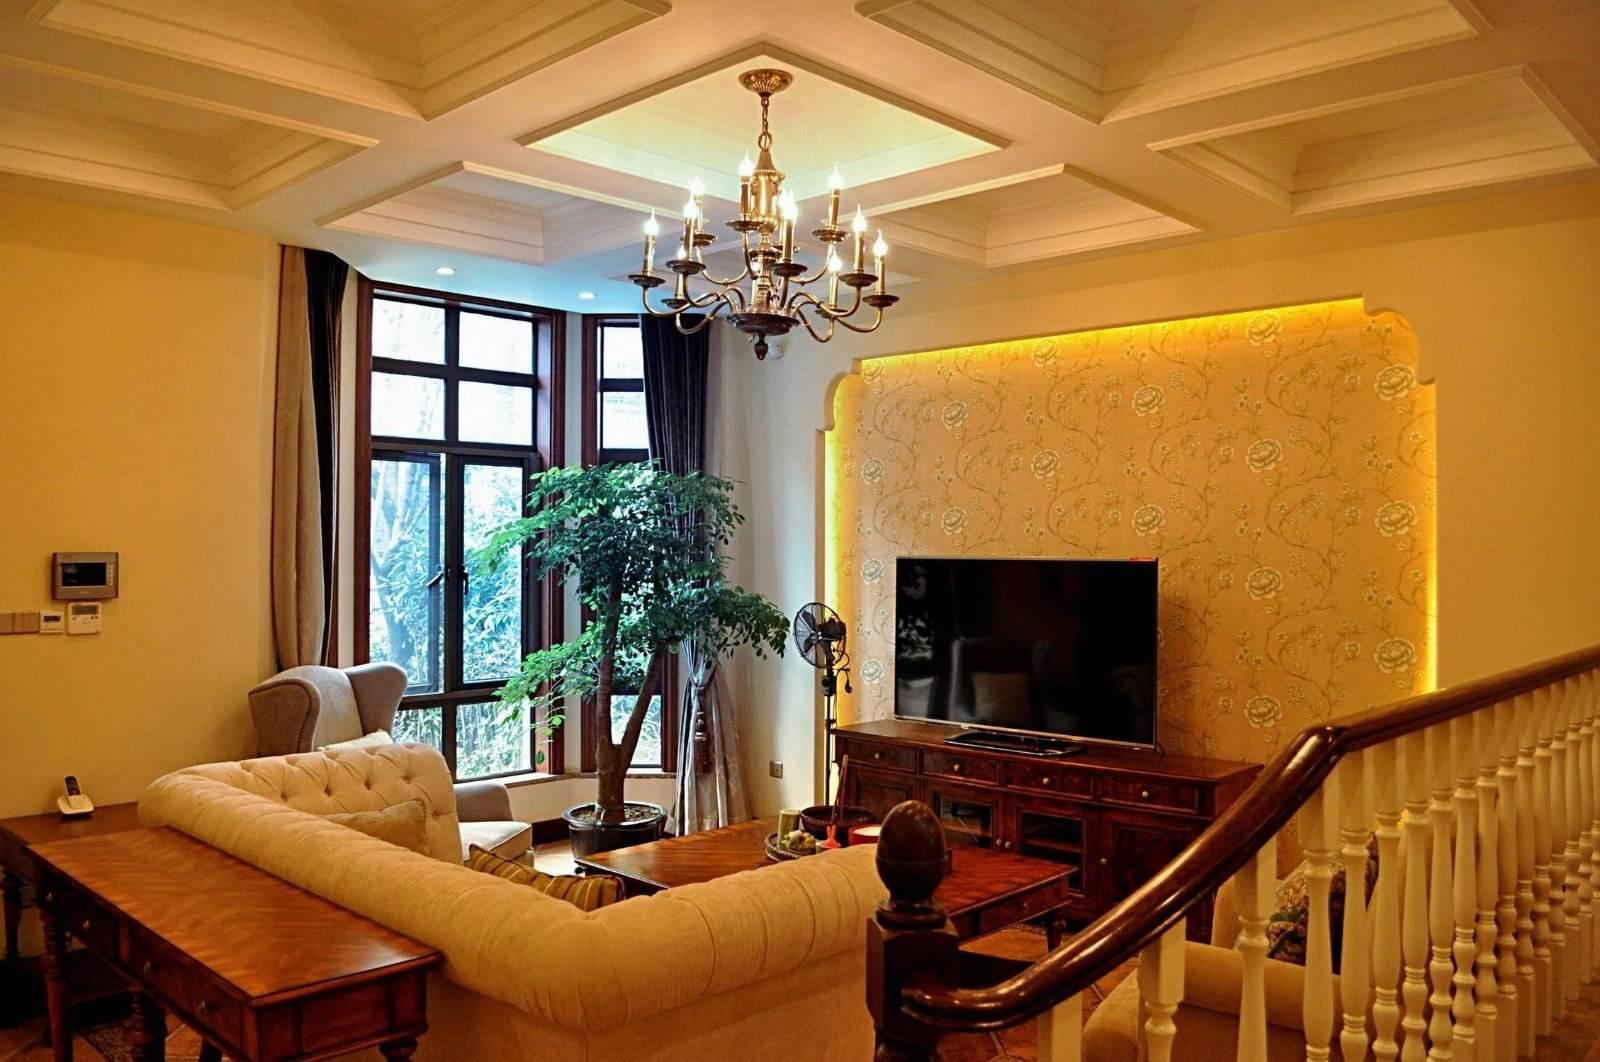 典雅休闲美式设计风格别墅客厅铁艺吊灯装饰图